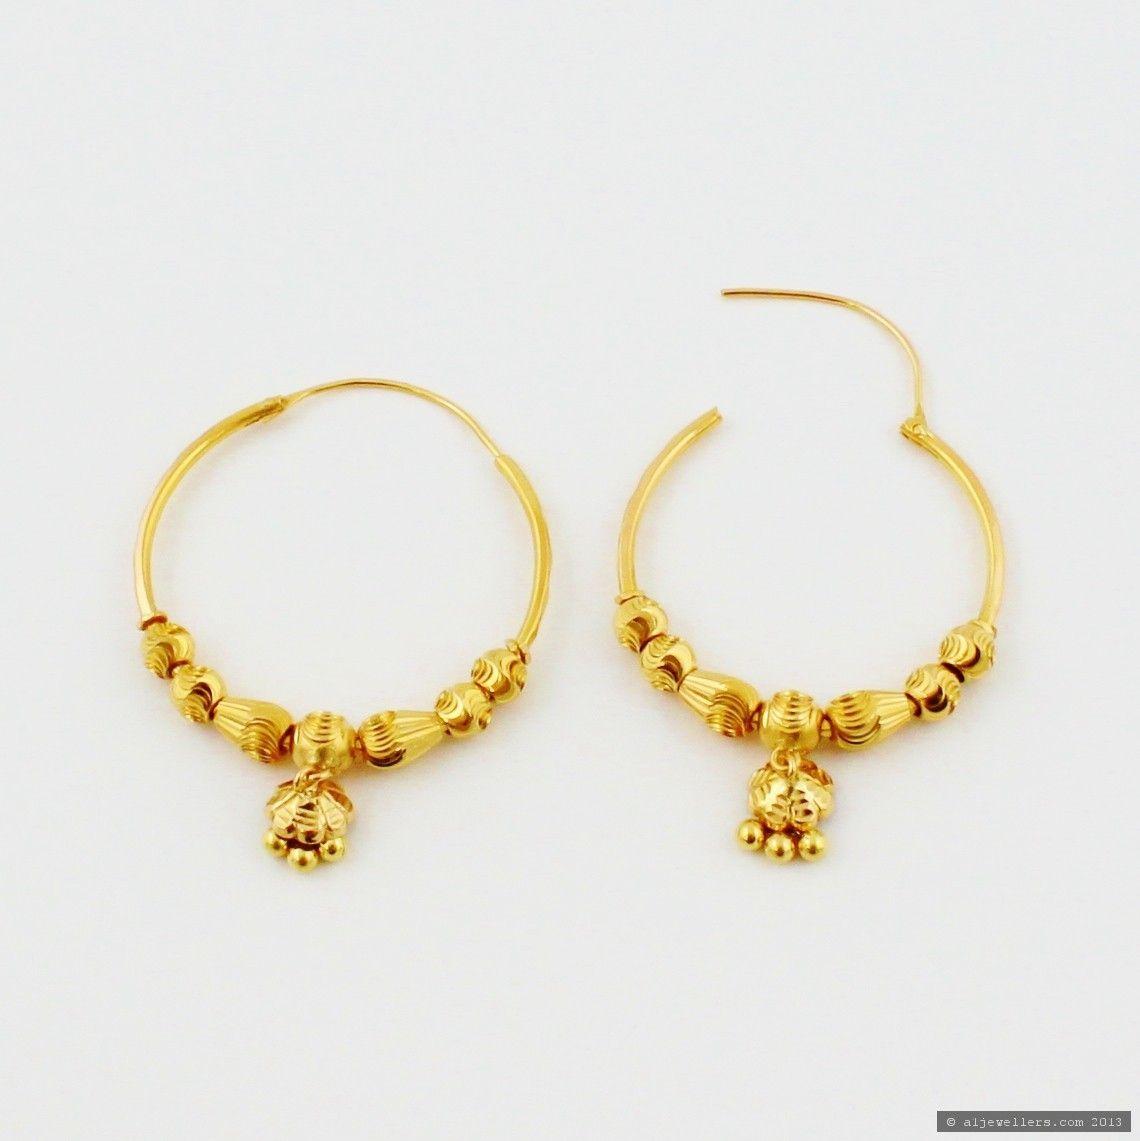 Afbeeldingsresultaat voor stud chain earring gold | Wedding ...